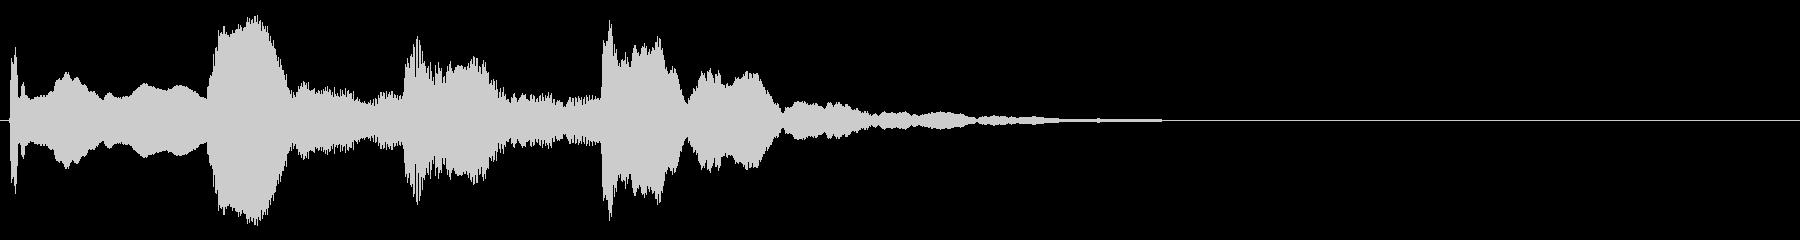 ピンポンパンポン↑(チャイム、呼び出し)の未再生の波形